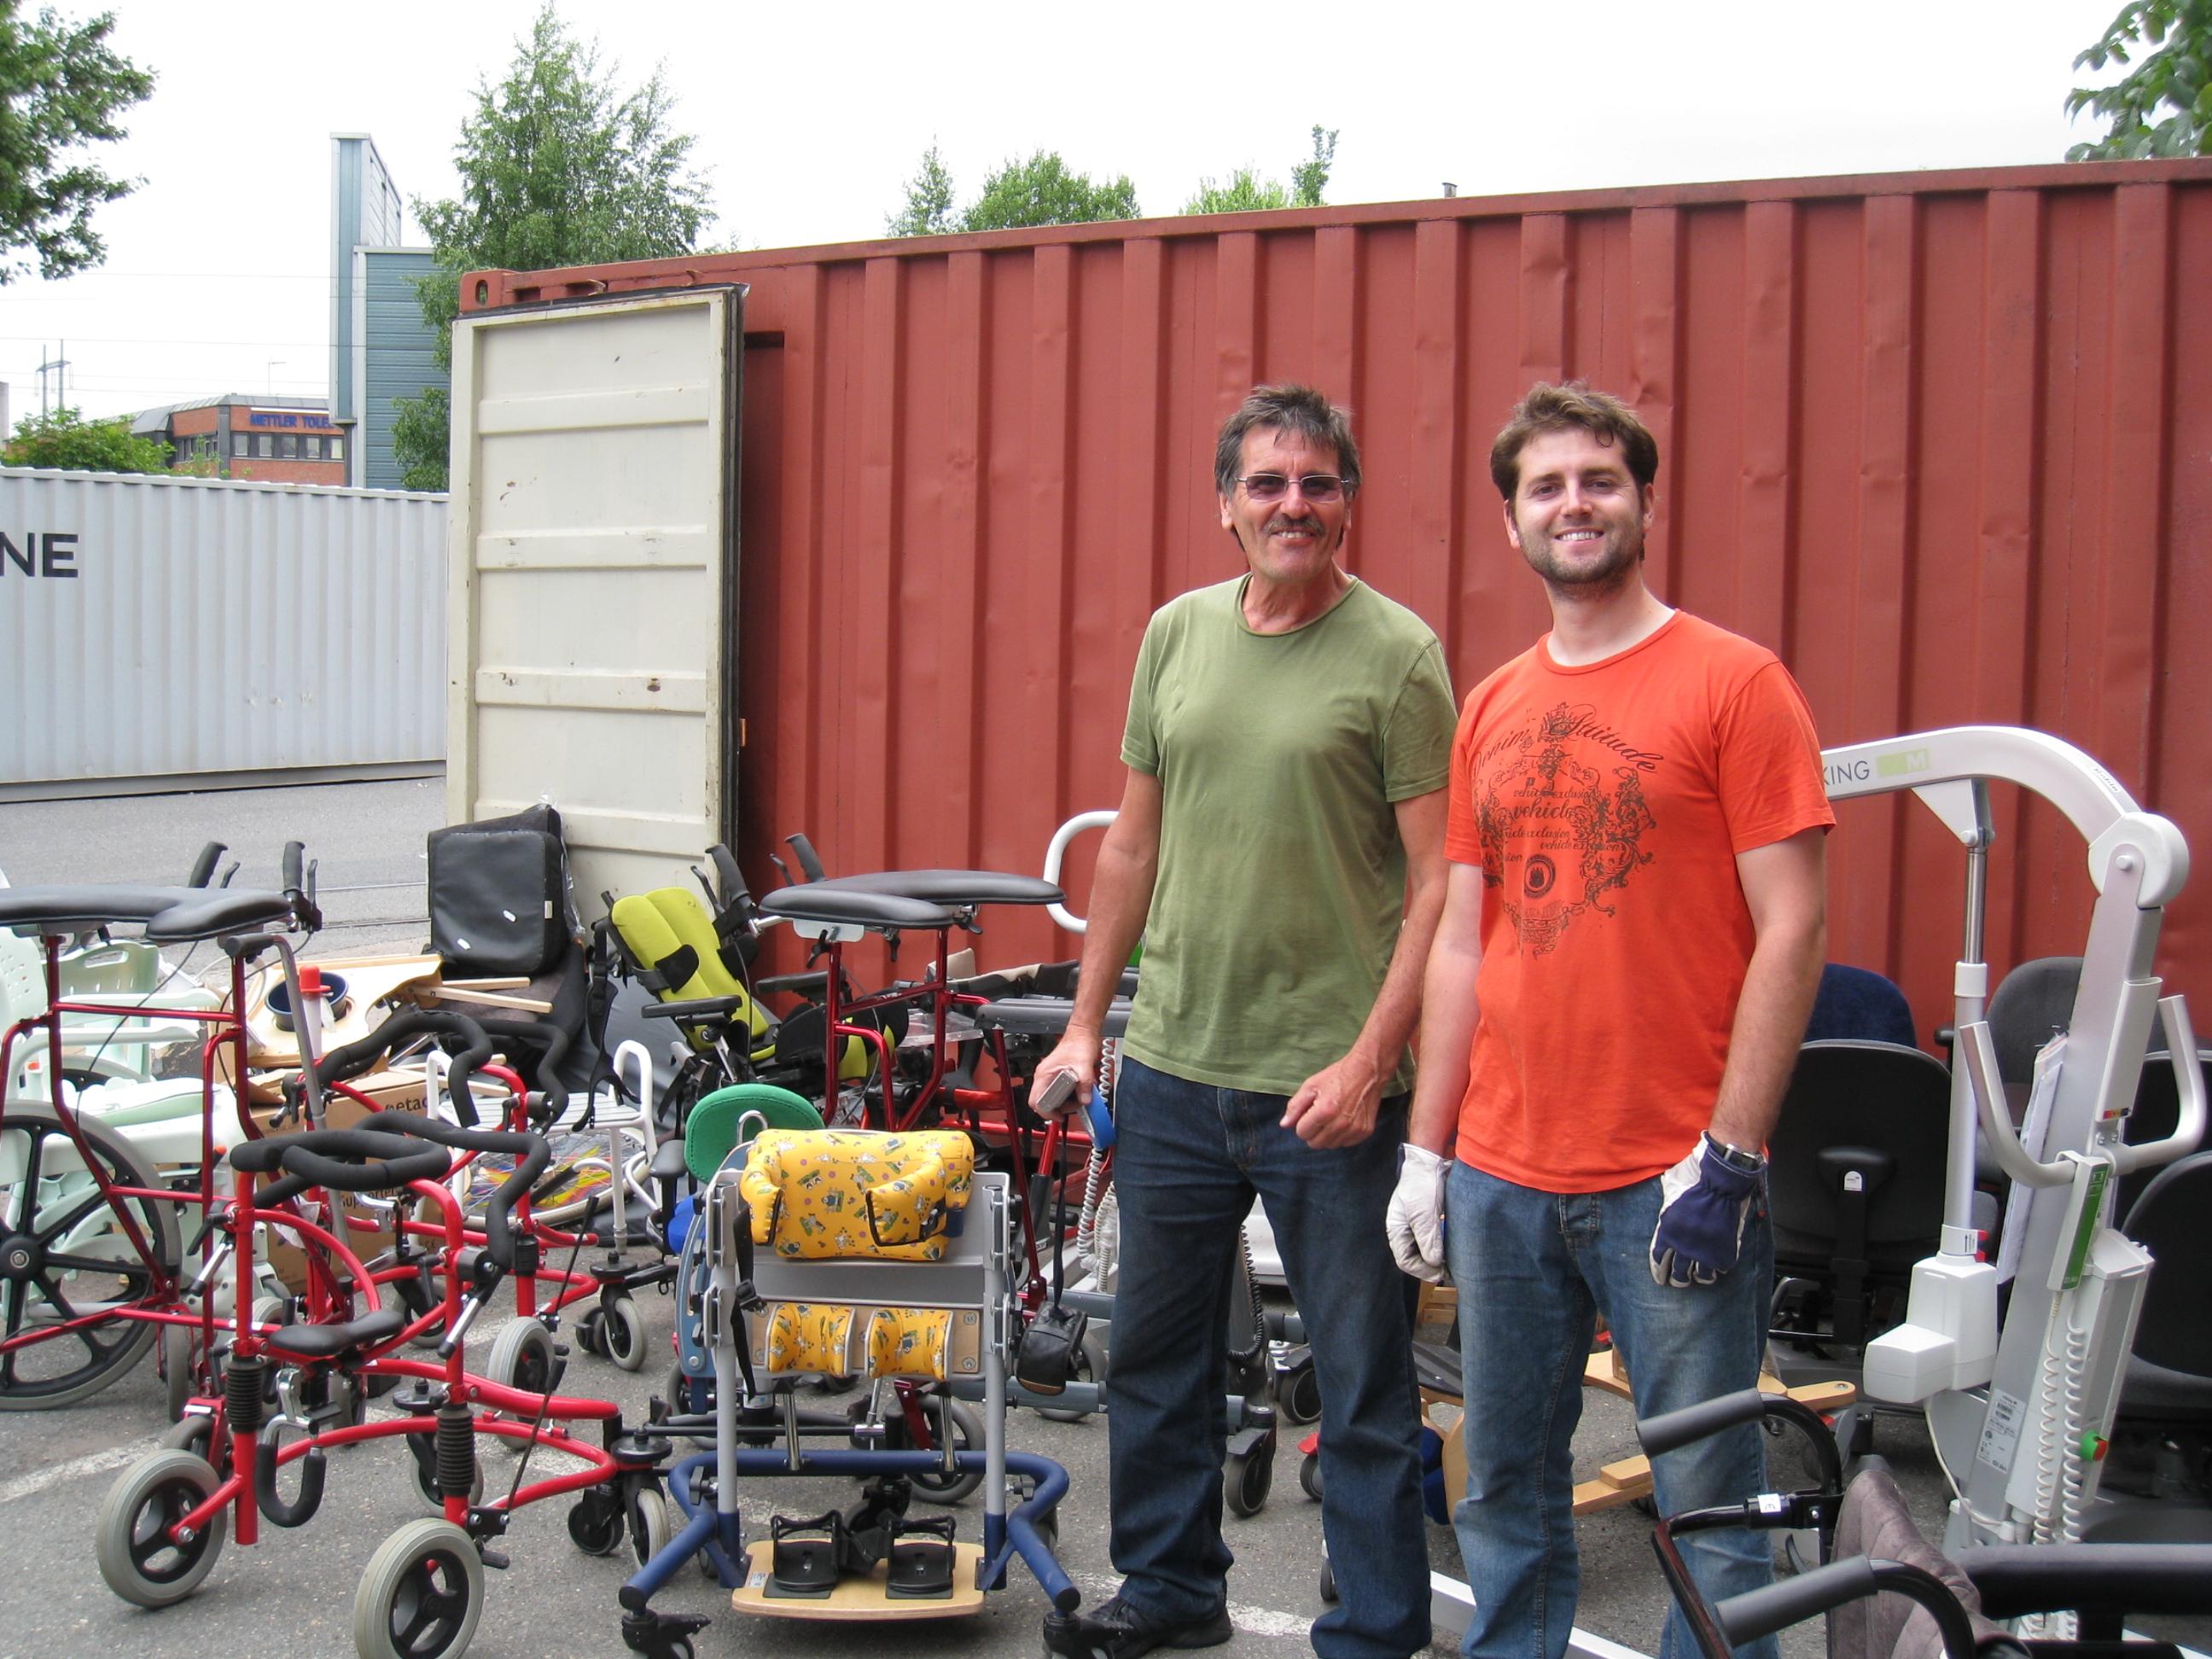 Carlos og Daniel med utstyr til container nr 58